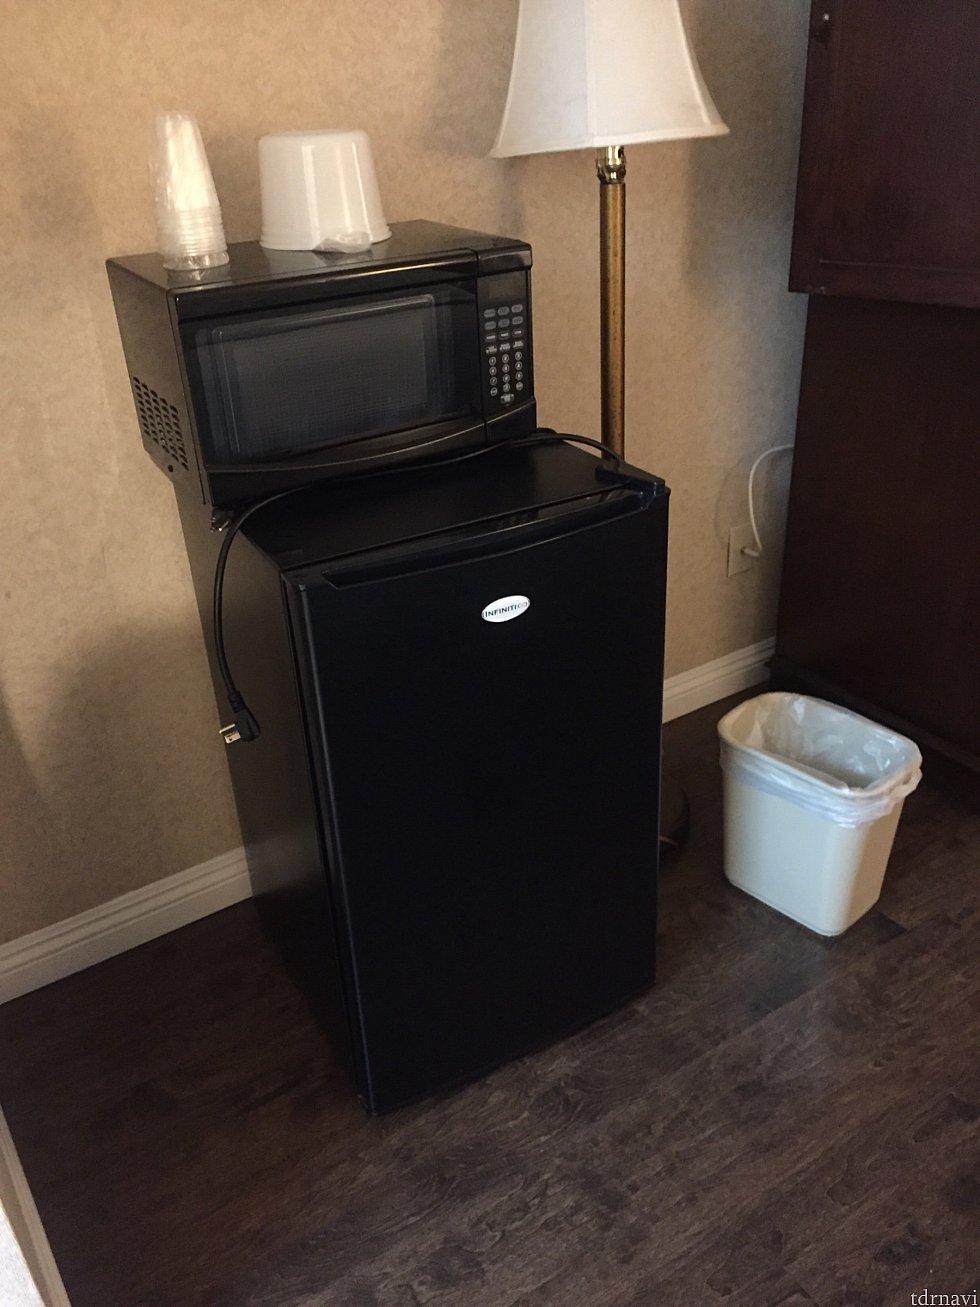 使いませんでしたが、冷蔵庫と電子レンジが部屋にありました。